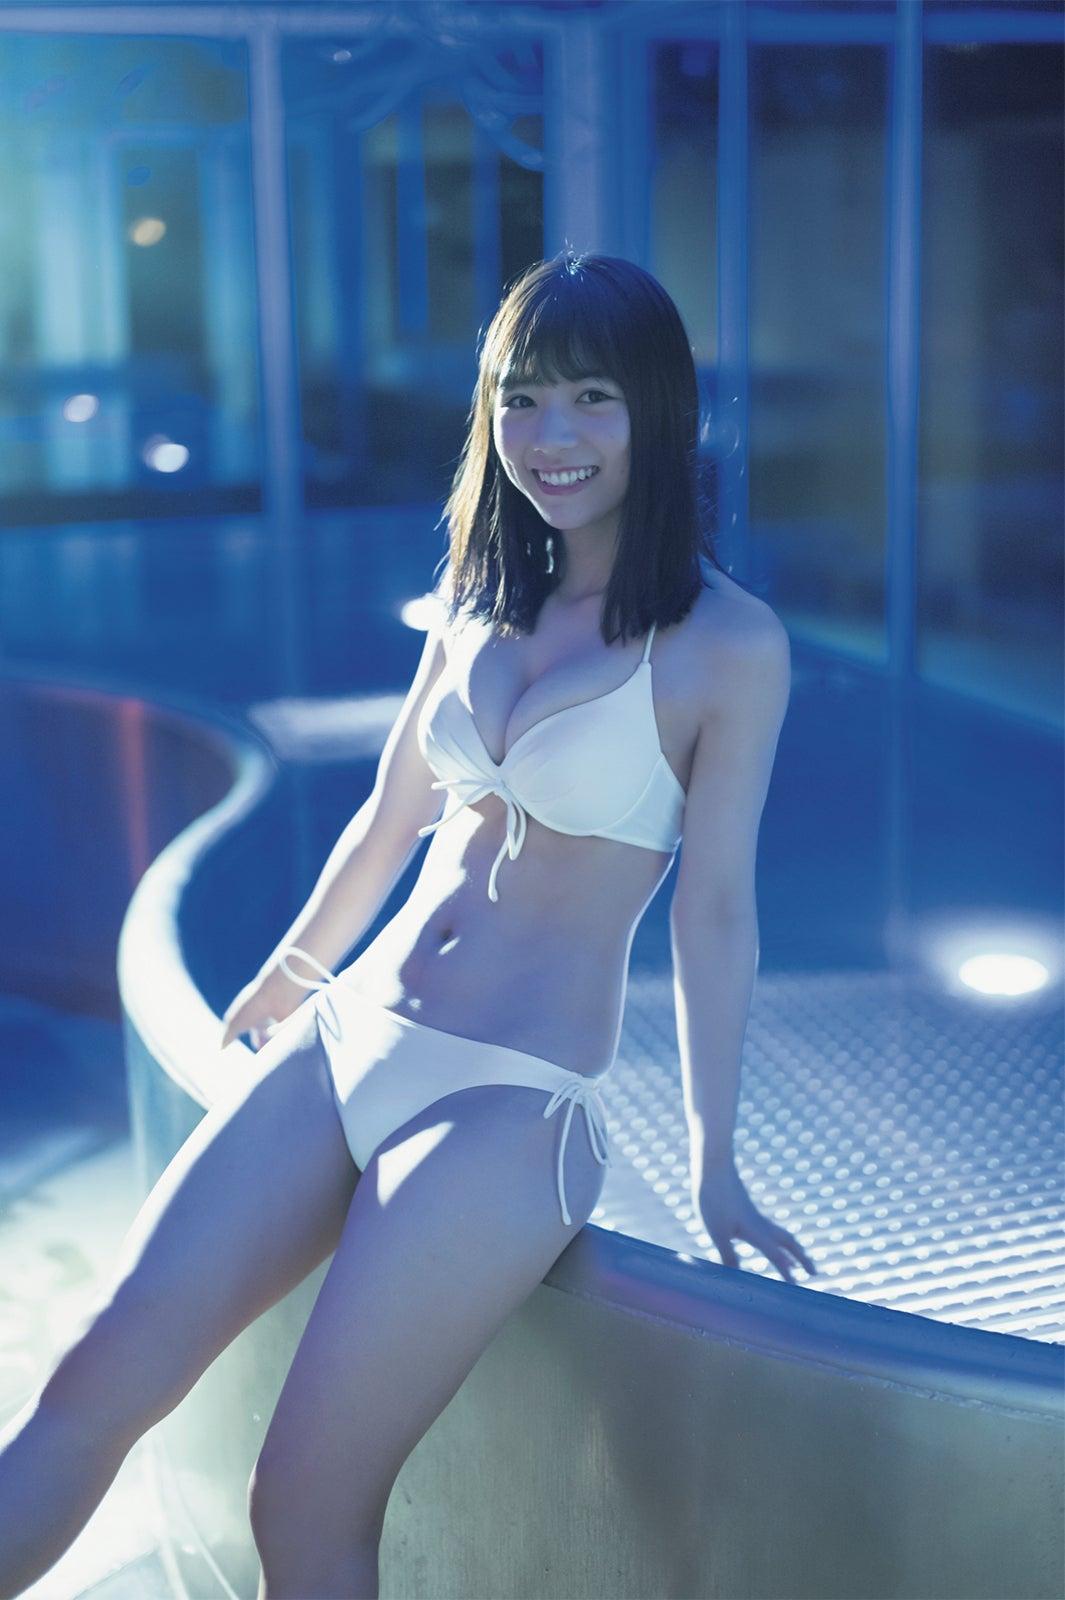 【速報】イケメンヲタ、北野日奈子とも性行為へ